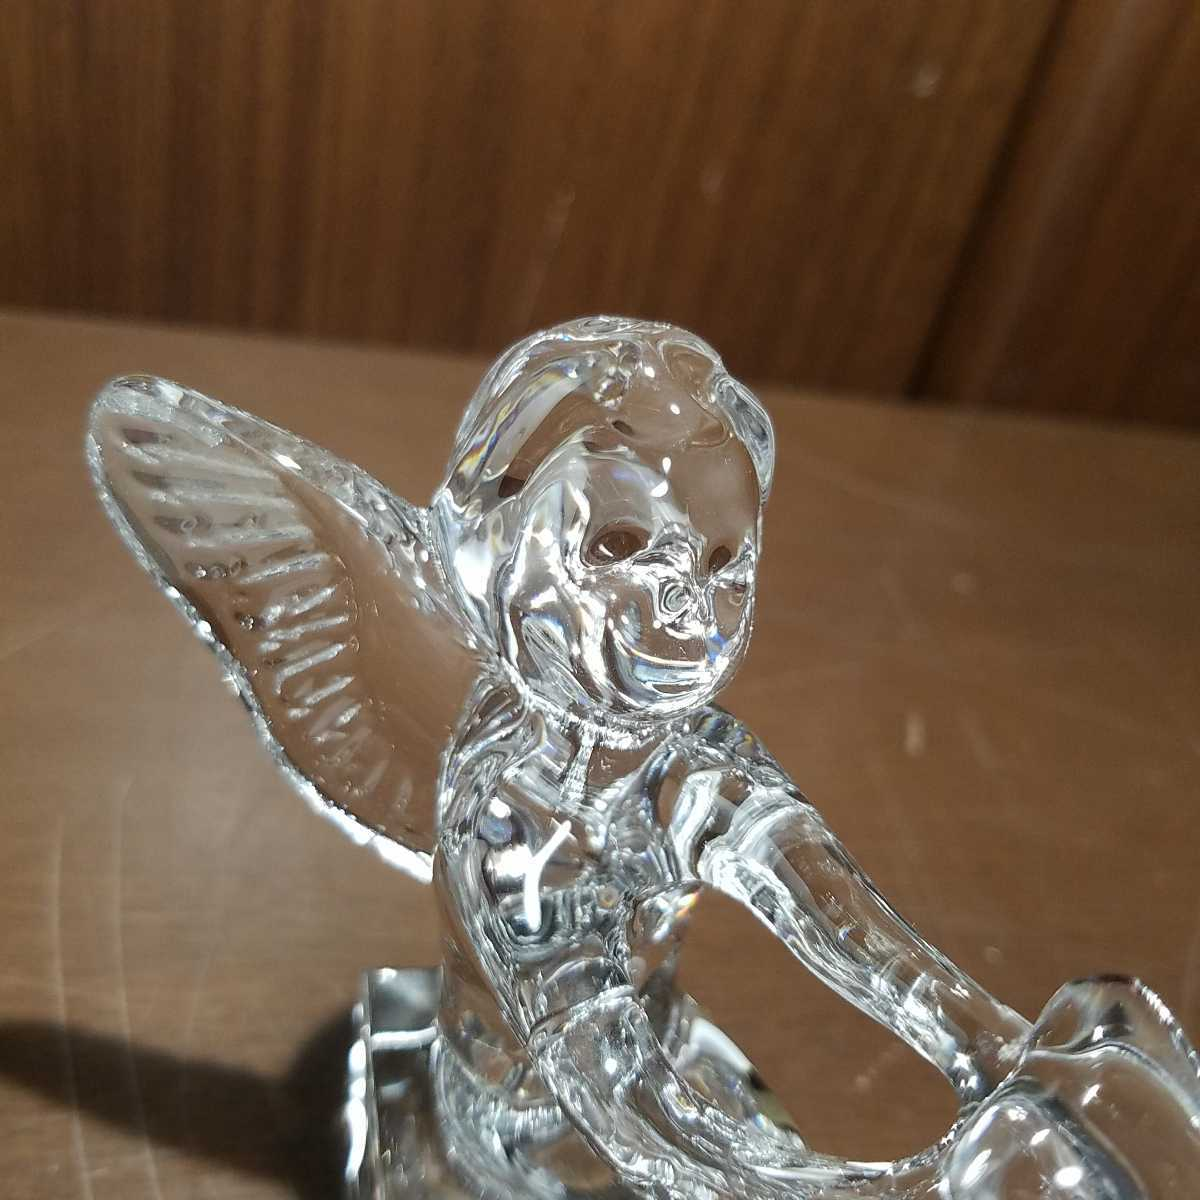 654▽同梱NG 逸品 ブランド バカラ エンジェルハート ハートを持つ天使の羽根 可愛い置き飾り物 クリスタルガラス Baccarat Angel オブジェ_画像6